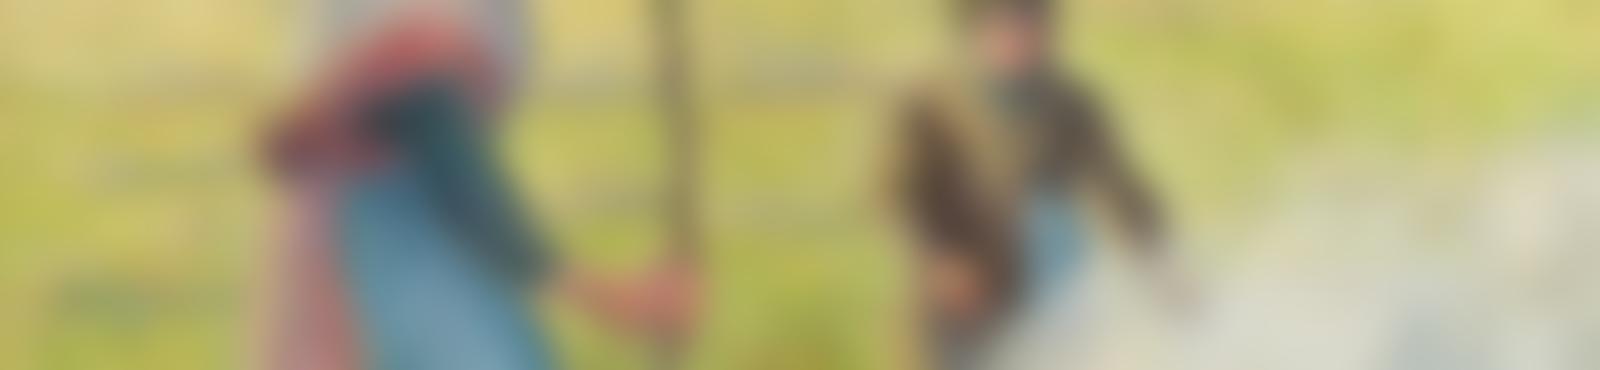 Blurred 59d8689a 9493 4c99 a333 3cc7746330dc